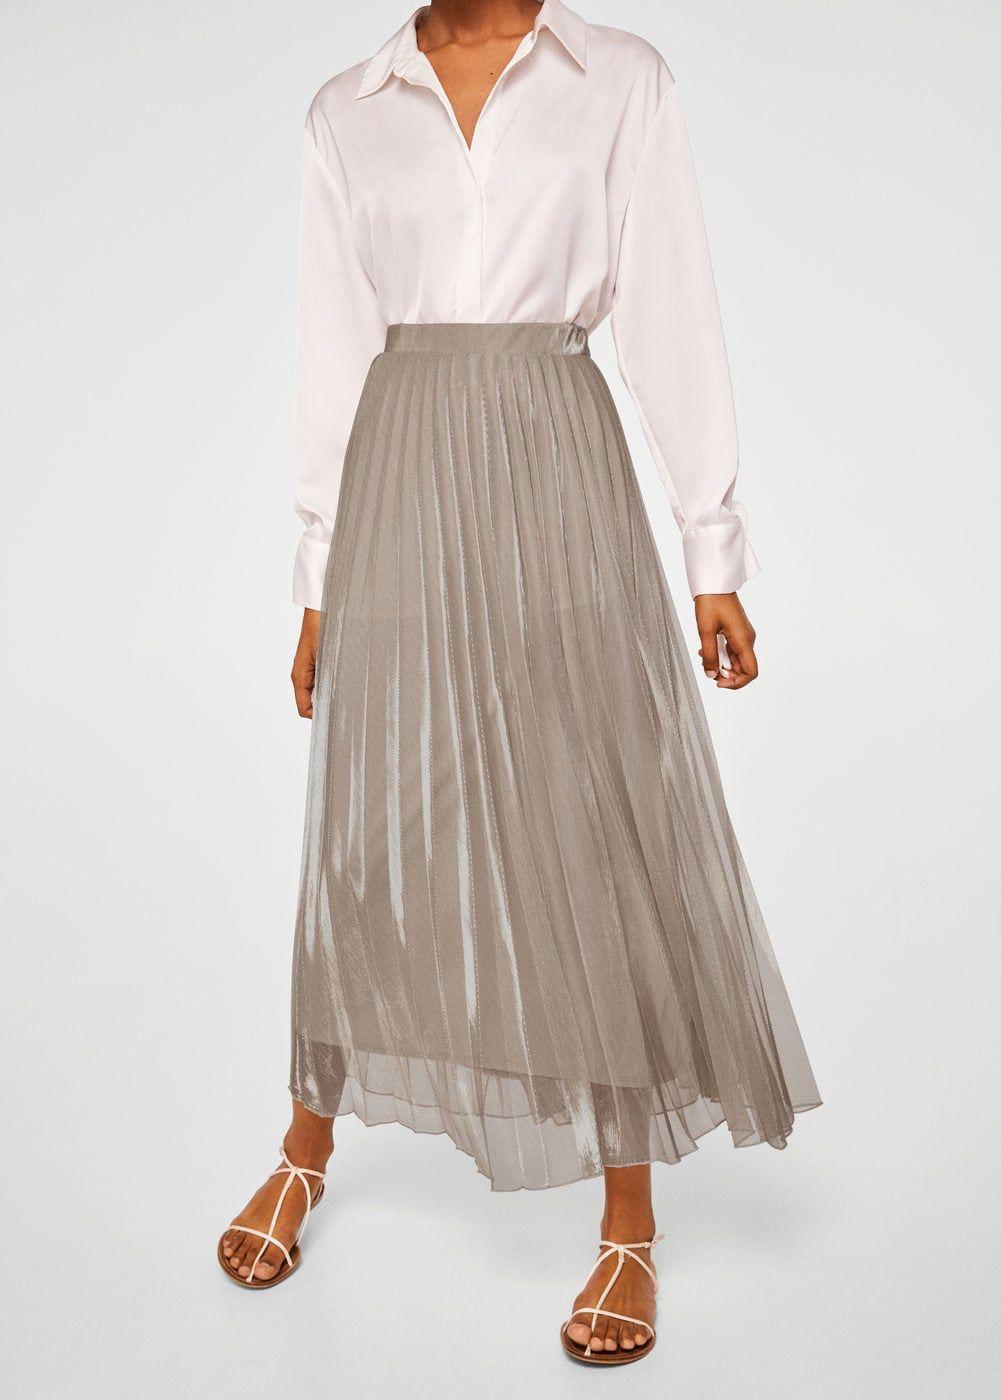 bb516b408 Falda midi plisada - Mujer | MANGO SPECIALS | Falda midi plisada ...